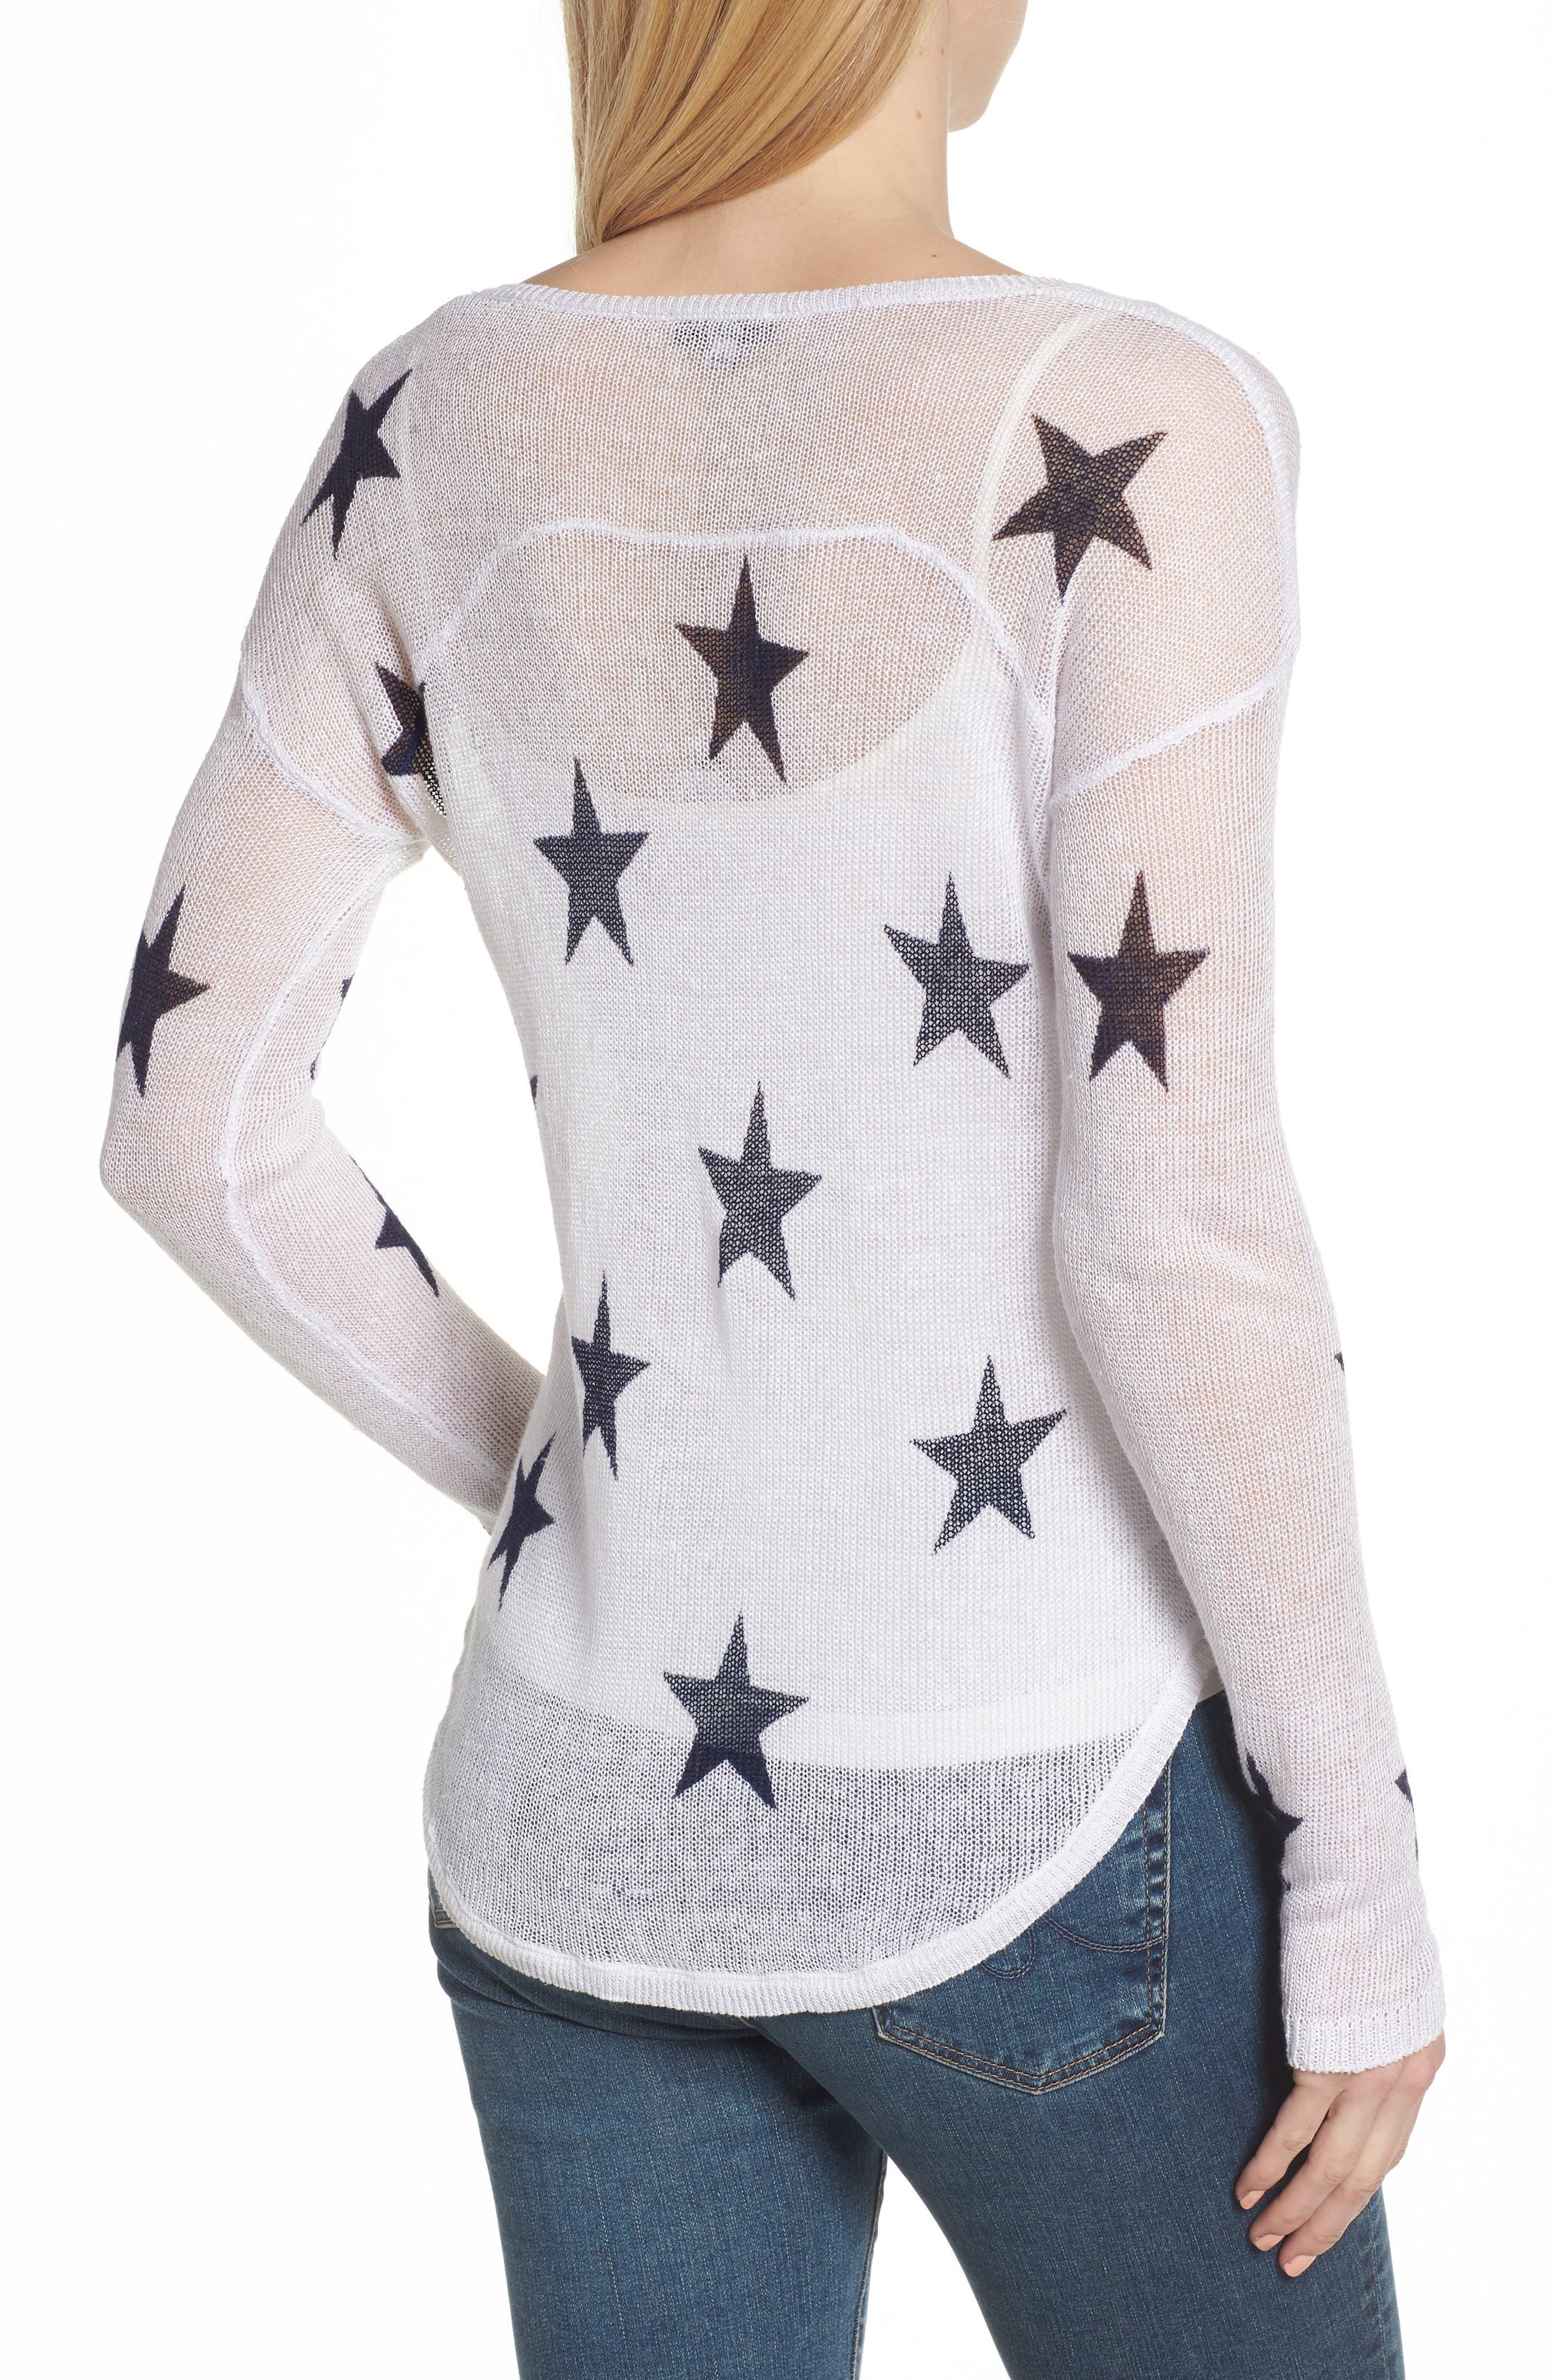 Perri Linen Sweater,                             Alternate thumbnail 2, color,                             White Navy Stars